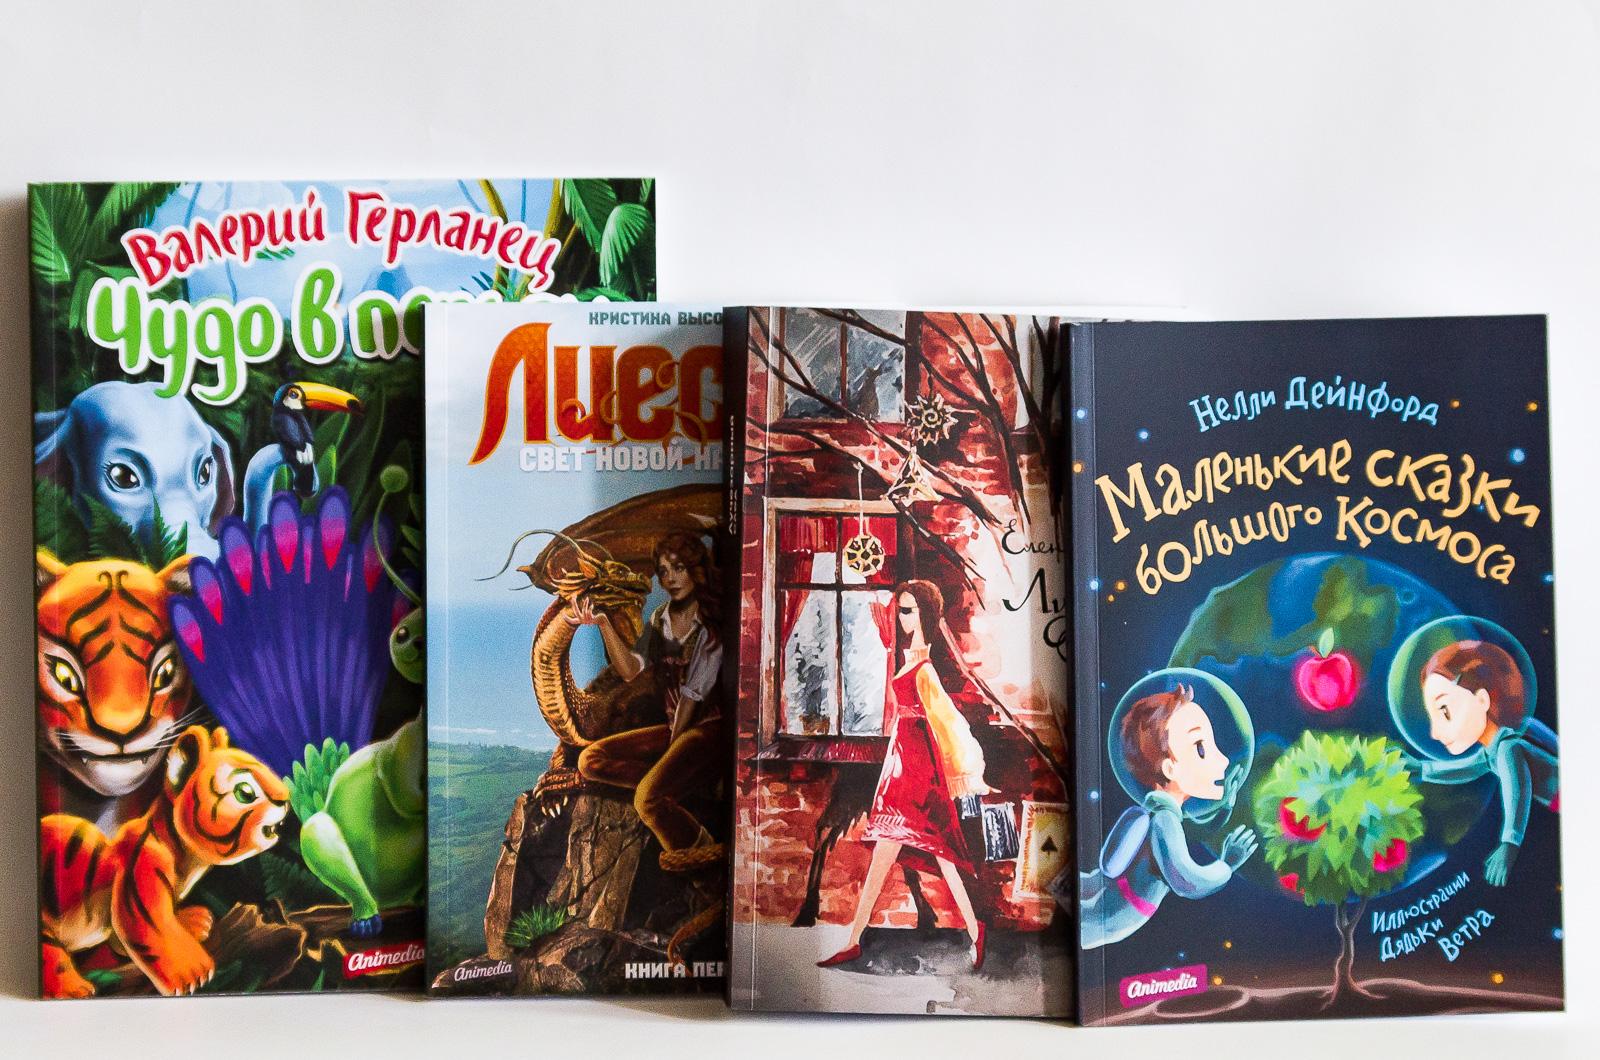 Книги Animedia Co. на международной книжной ярмарке в Пекине